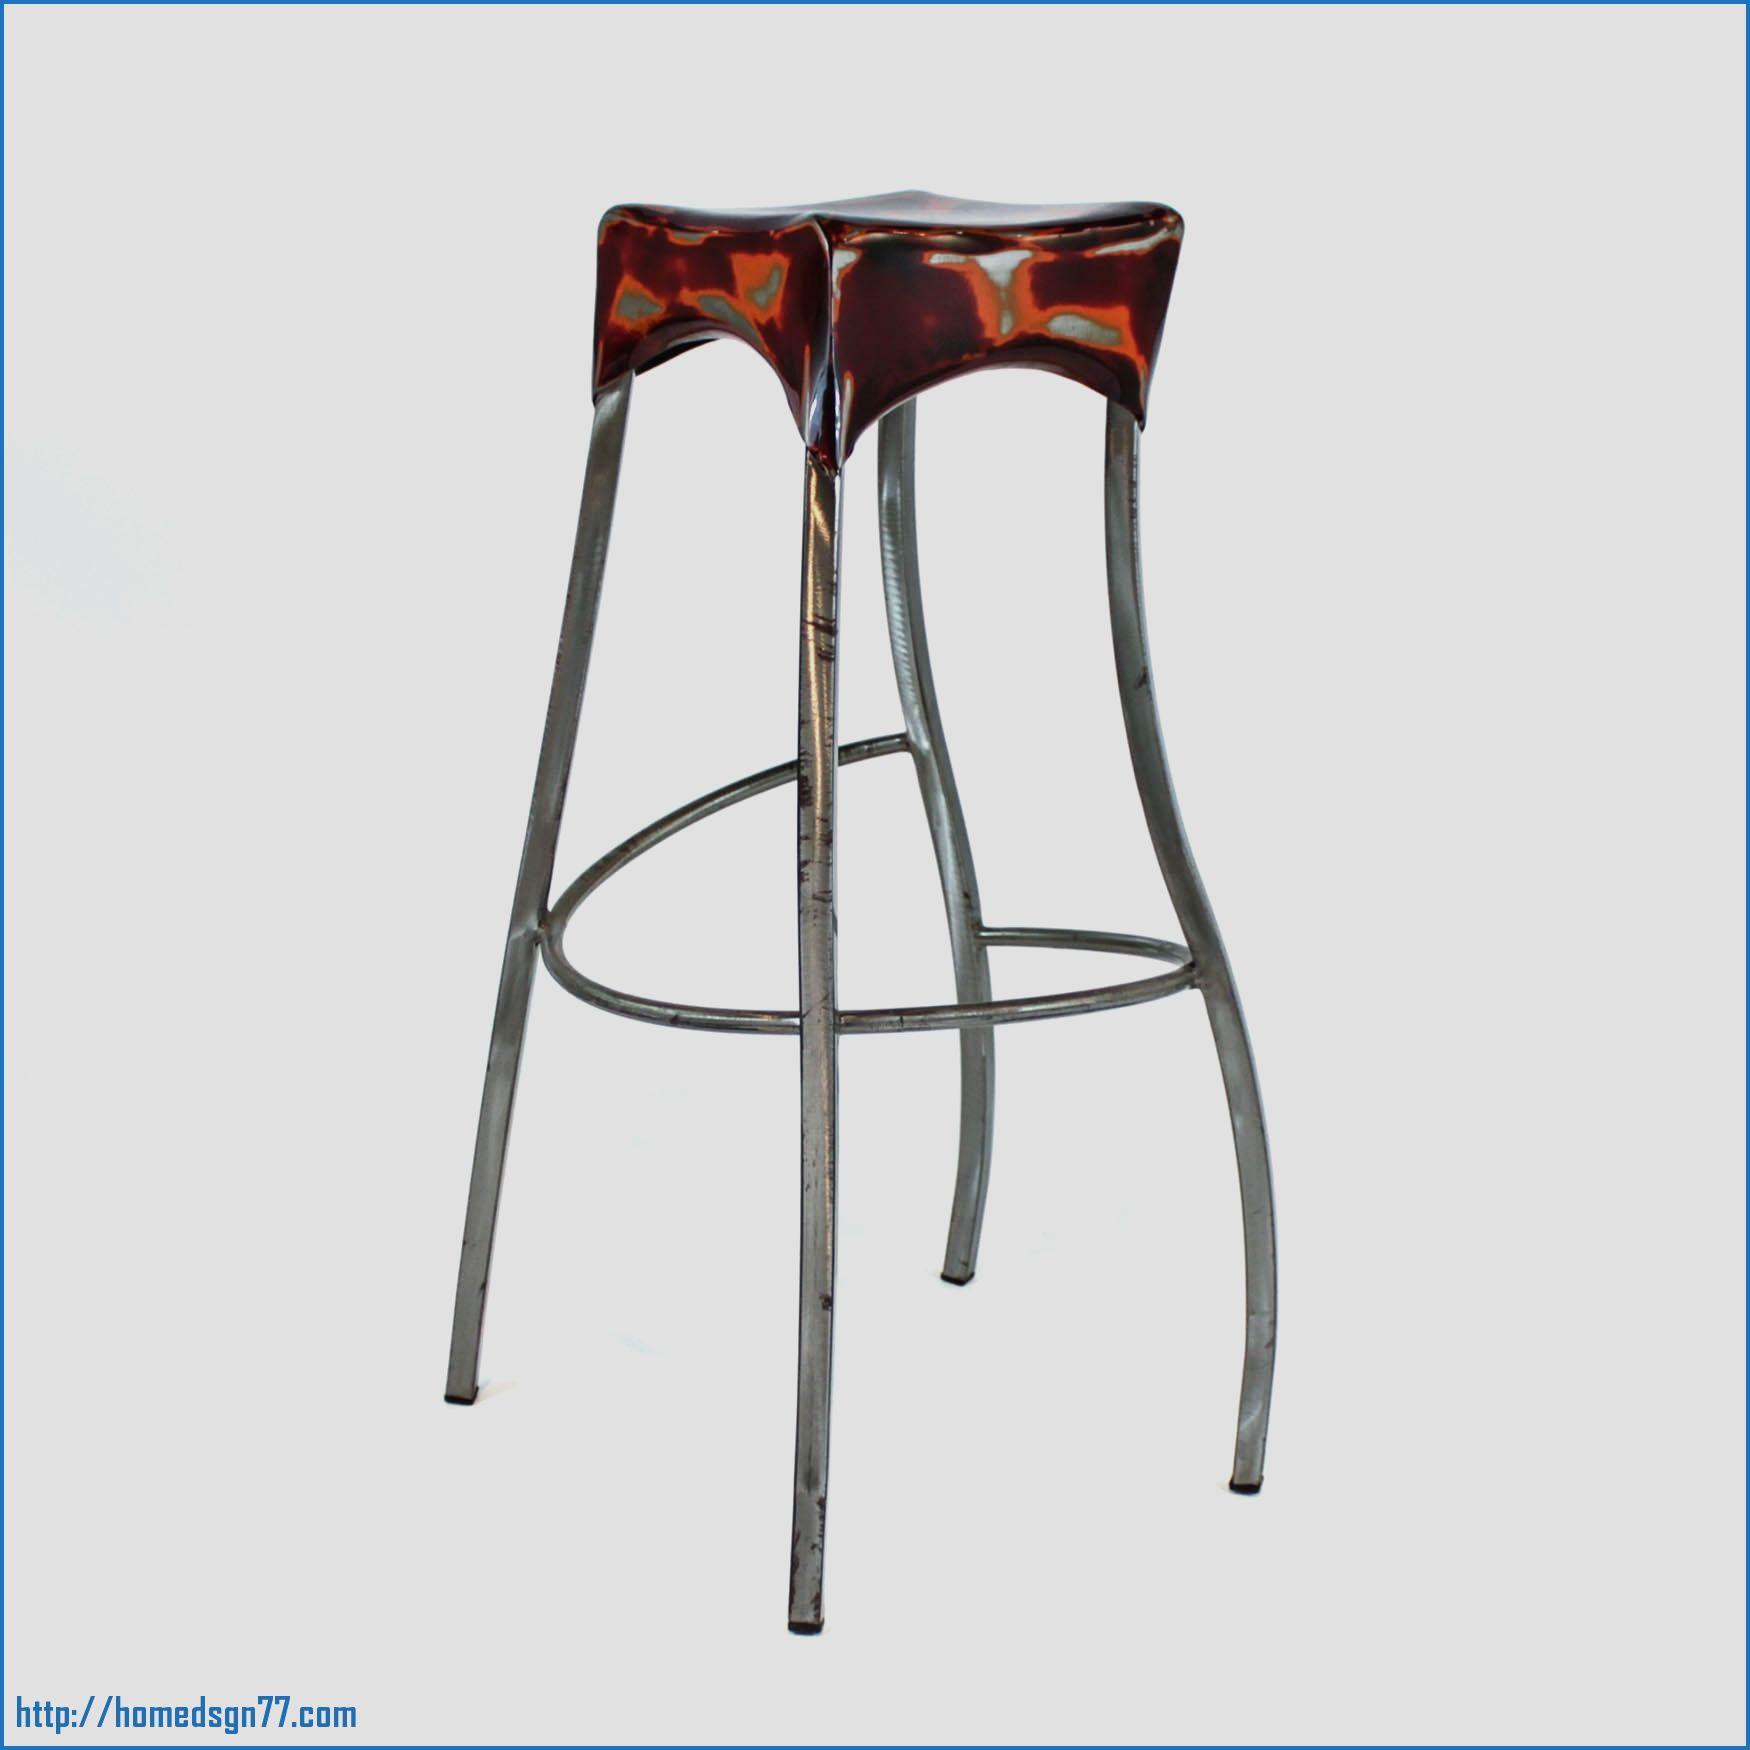 tabouret de bar acier bross maison et mobilier d 39 int rieur. Black Bedroom Furniture Sets. Home Design Ideas